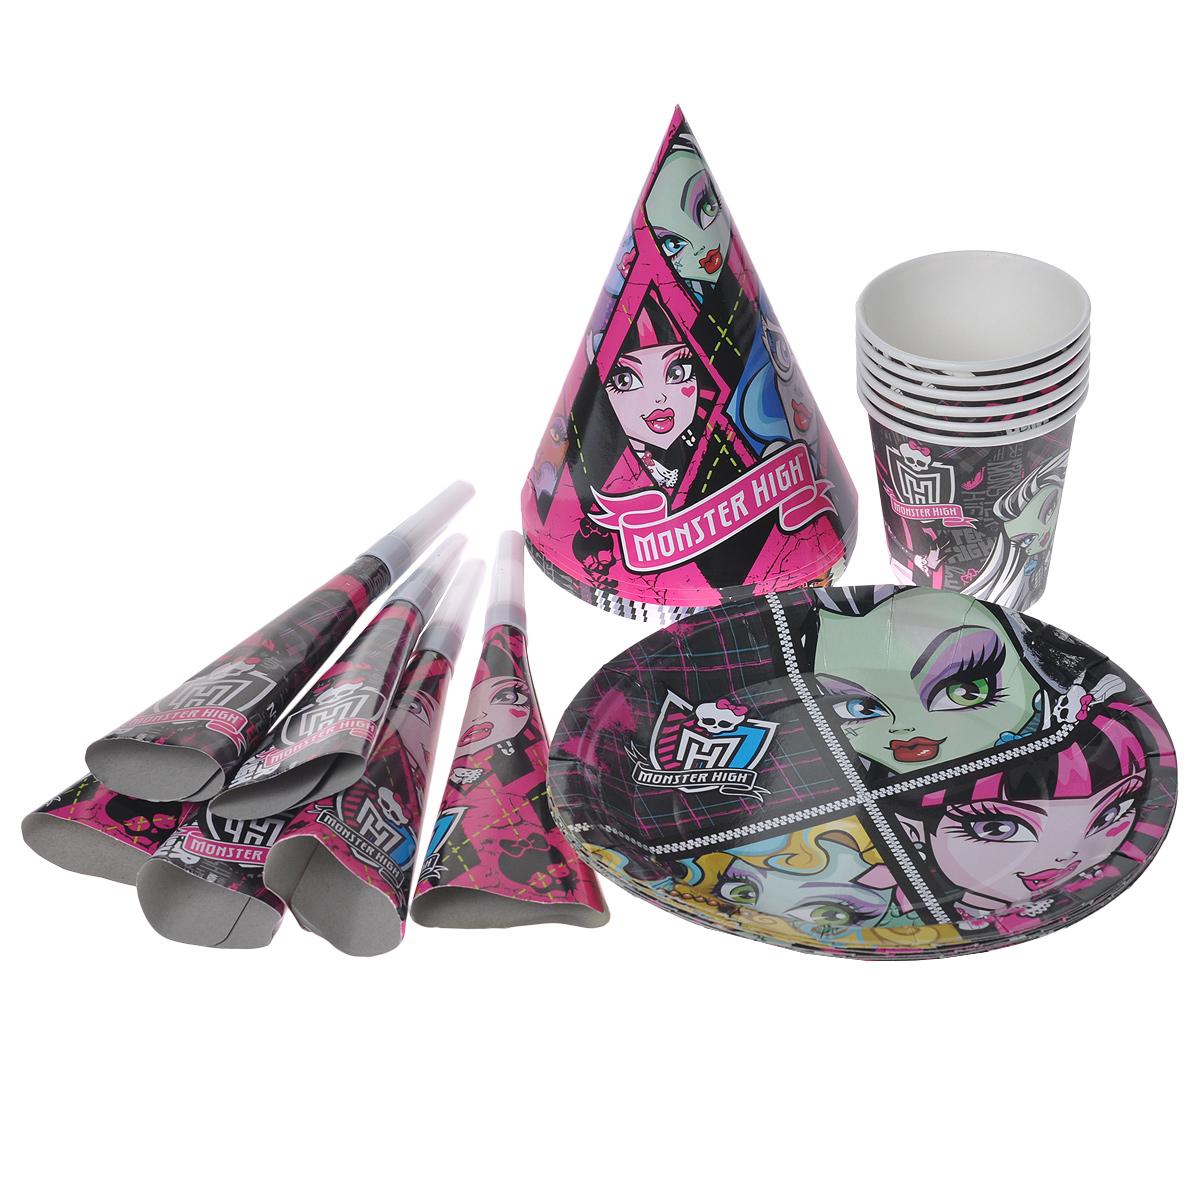 """Превратить праздник в яркое событие легко с набором для праздника """"Monster High"""". Набор, рассчитанный на шесть персон, включает в себя 24 предмета: шесть тарелок, шесть стаканов, шесть бумажных колпачков, шесть дудочек. Элементы набора оформлены красочными изображениями героев популярного мультсериала """"Школа Монстров"""" (""""Monster High""""). Порадуйте своего ребенка, подарив ему яркий праздник! Любое детское торжество - это долгожданное событие для каждого ребенка. Это веселье, танцы, задорный смех детей и много-много счастья. Ну, а для родителей это еще и горы грязной, а то и разбитой посуды. Не омрачить праздник, а только прибавить хорошего настроения поможет красочная бумажная посуда с изображением любимых героев. Одноразовые тарелки и стаканы прочно вошли в современную жизнь, и теперь многие люди просто не представляют детский праздник или пикник без таких нужных вещей: они почти невесомы, не могут разбиться и не нуждаются в мытье. Сделанная из бумаги, такая посуда..."""